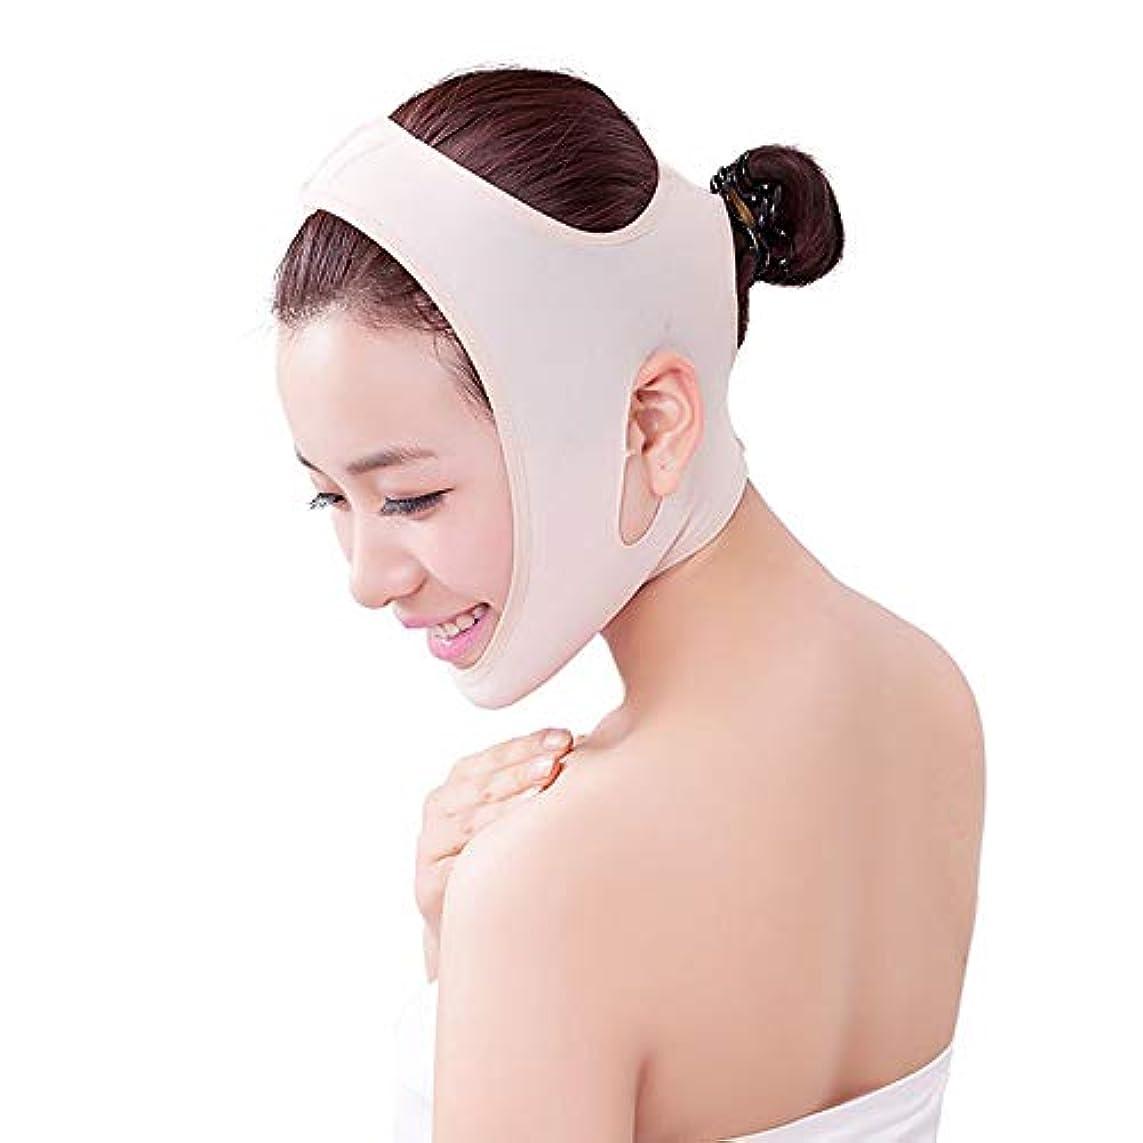 ファンシー旅客傑出したMinmin 顔の持ち上がる痩身ベルト - アンチエイジングリンクルフェイスマスクベルトあなたの顔のためのすばらしい試し二重あごの試し みんみんVラインフェイスマスク (Size : L)